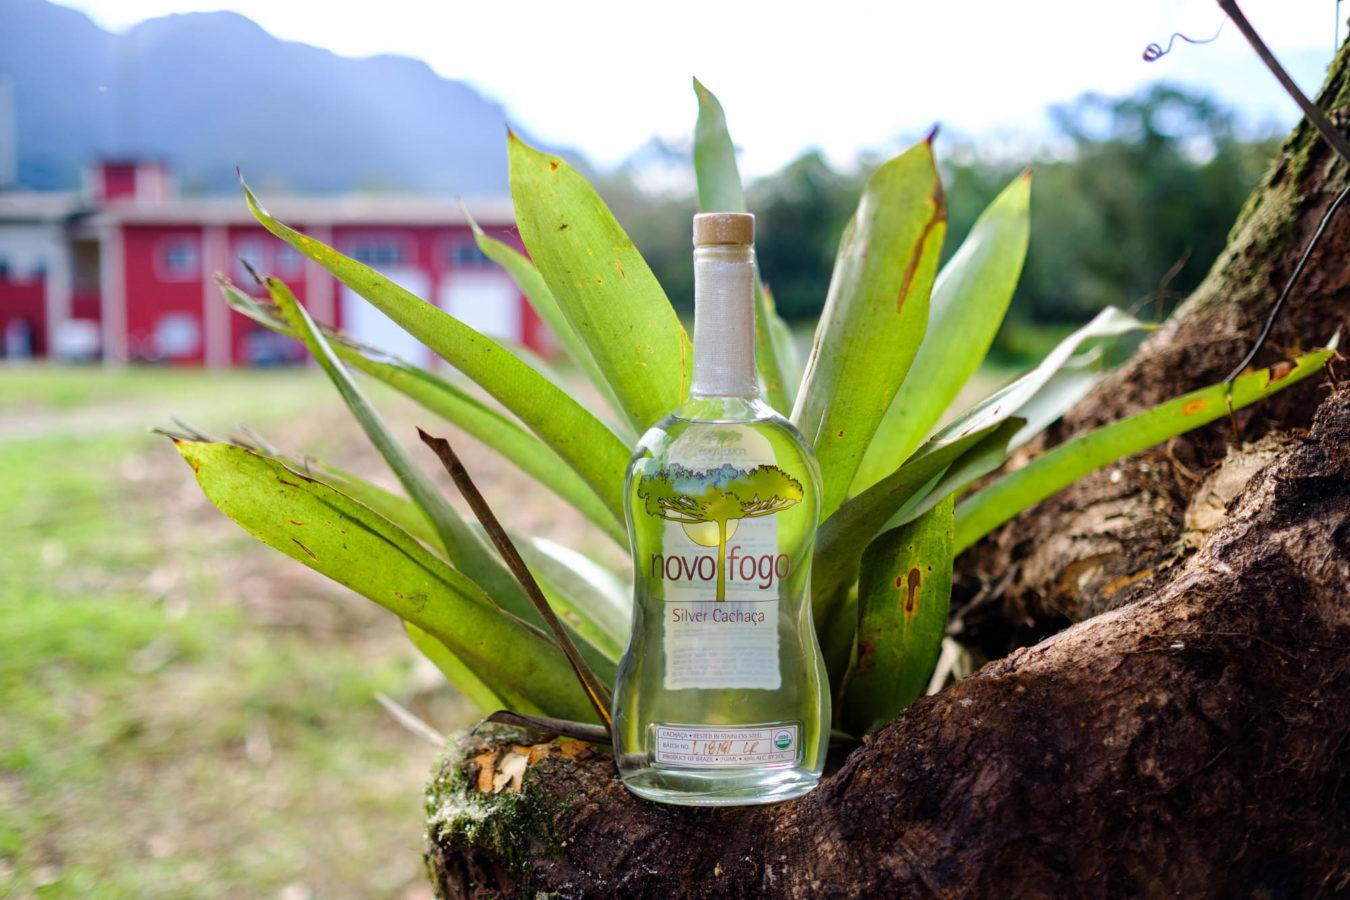 Novo Fogo: a carbon-negative cachaça that's also delicious